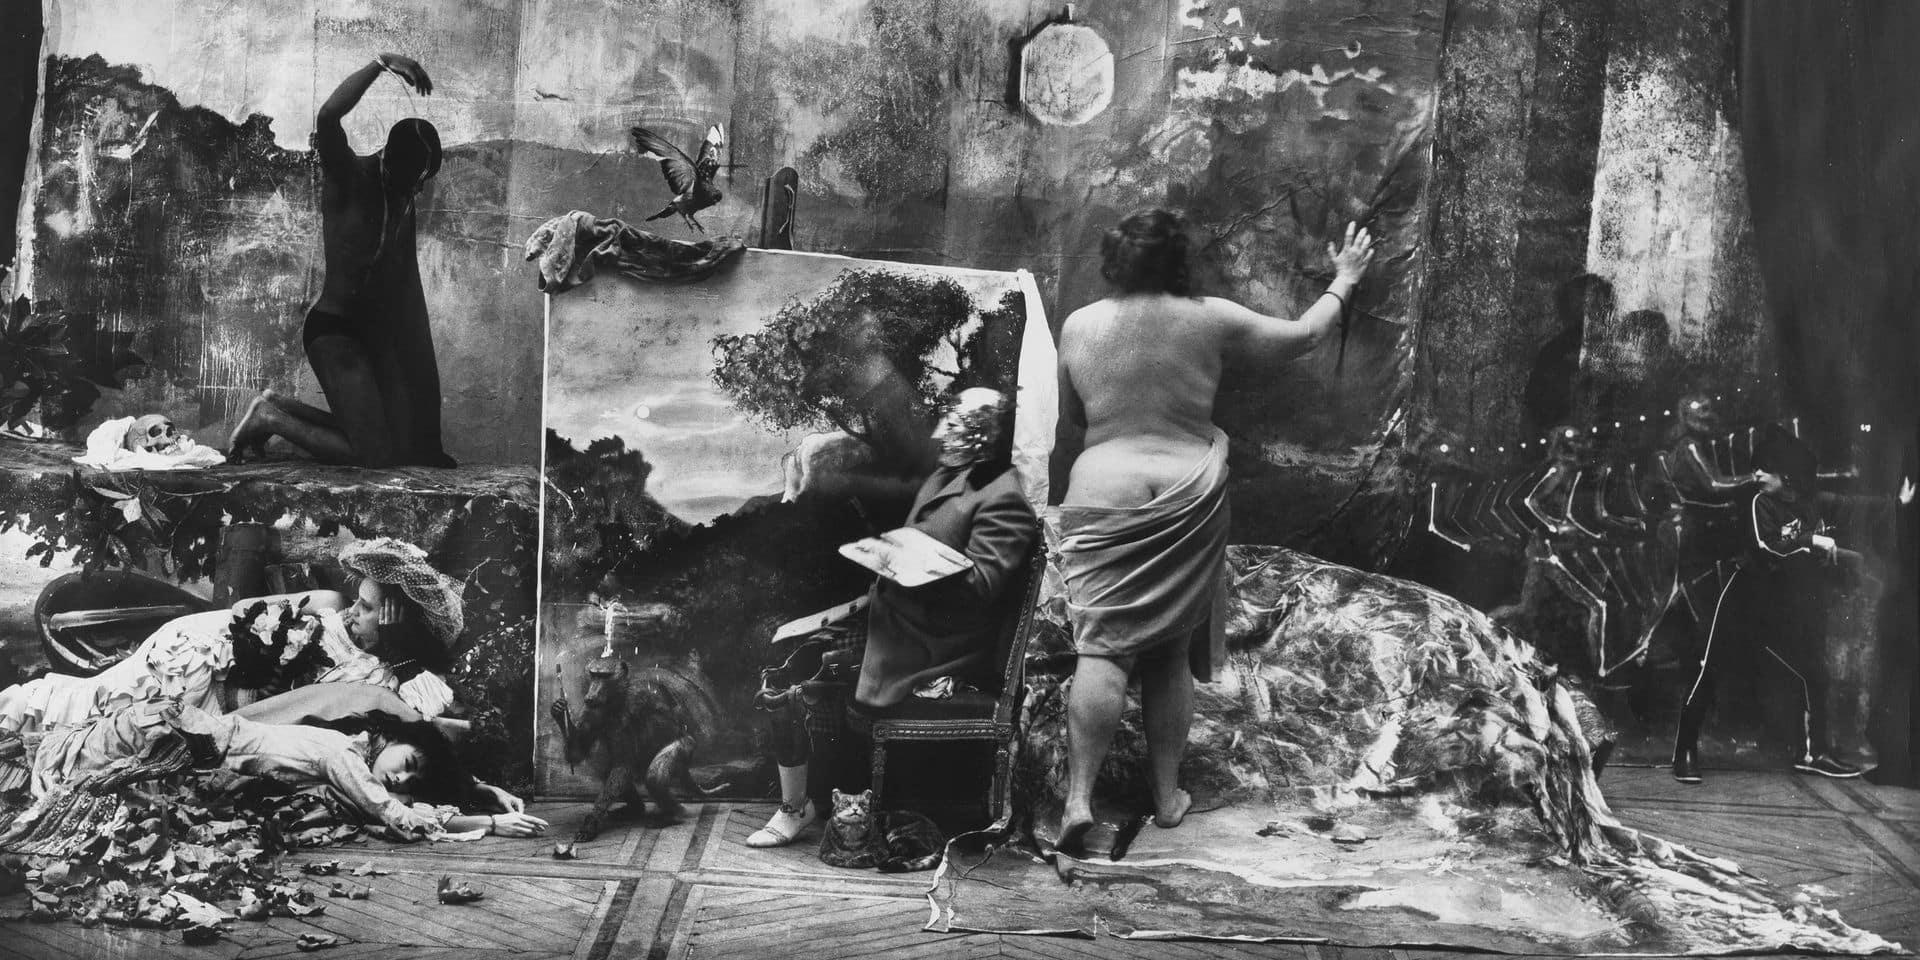 Joel-Peter Witkin au Musée de Charleroi : le chevalet du photographe